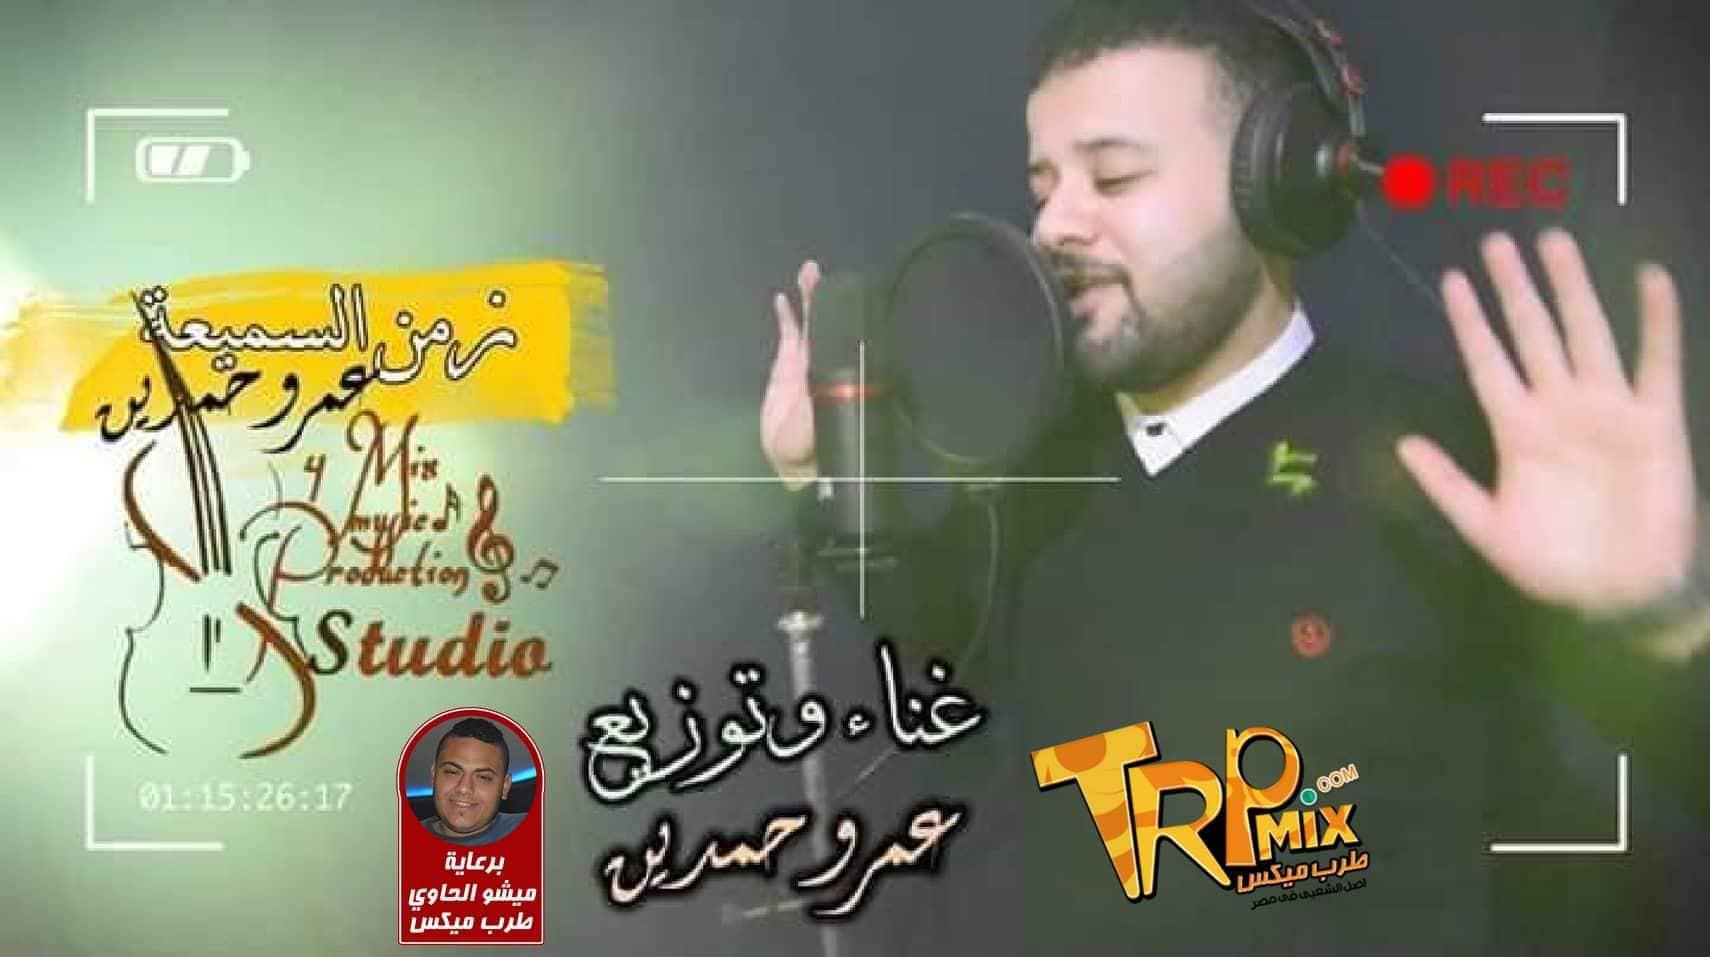 الاغنية دي هتخرب الافراح 2019   اغنية زمن السميعة غناء عمرو حمدين